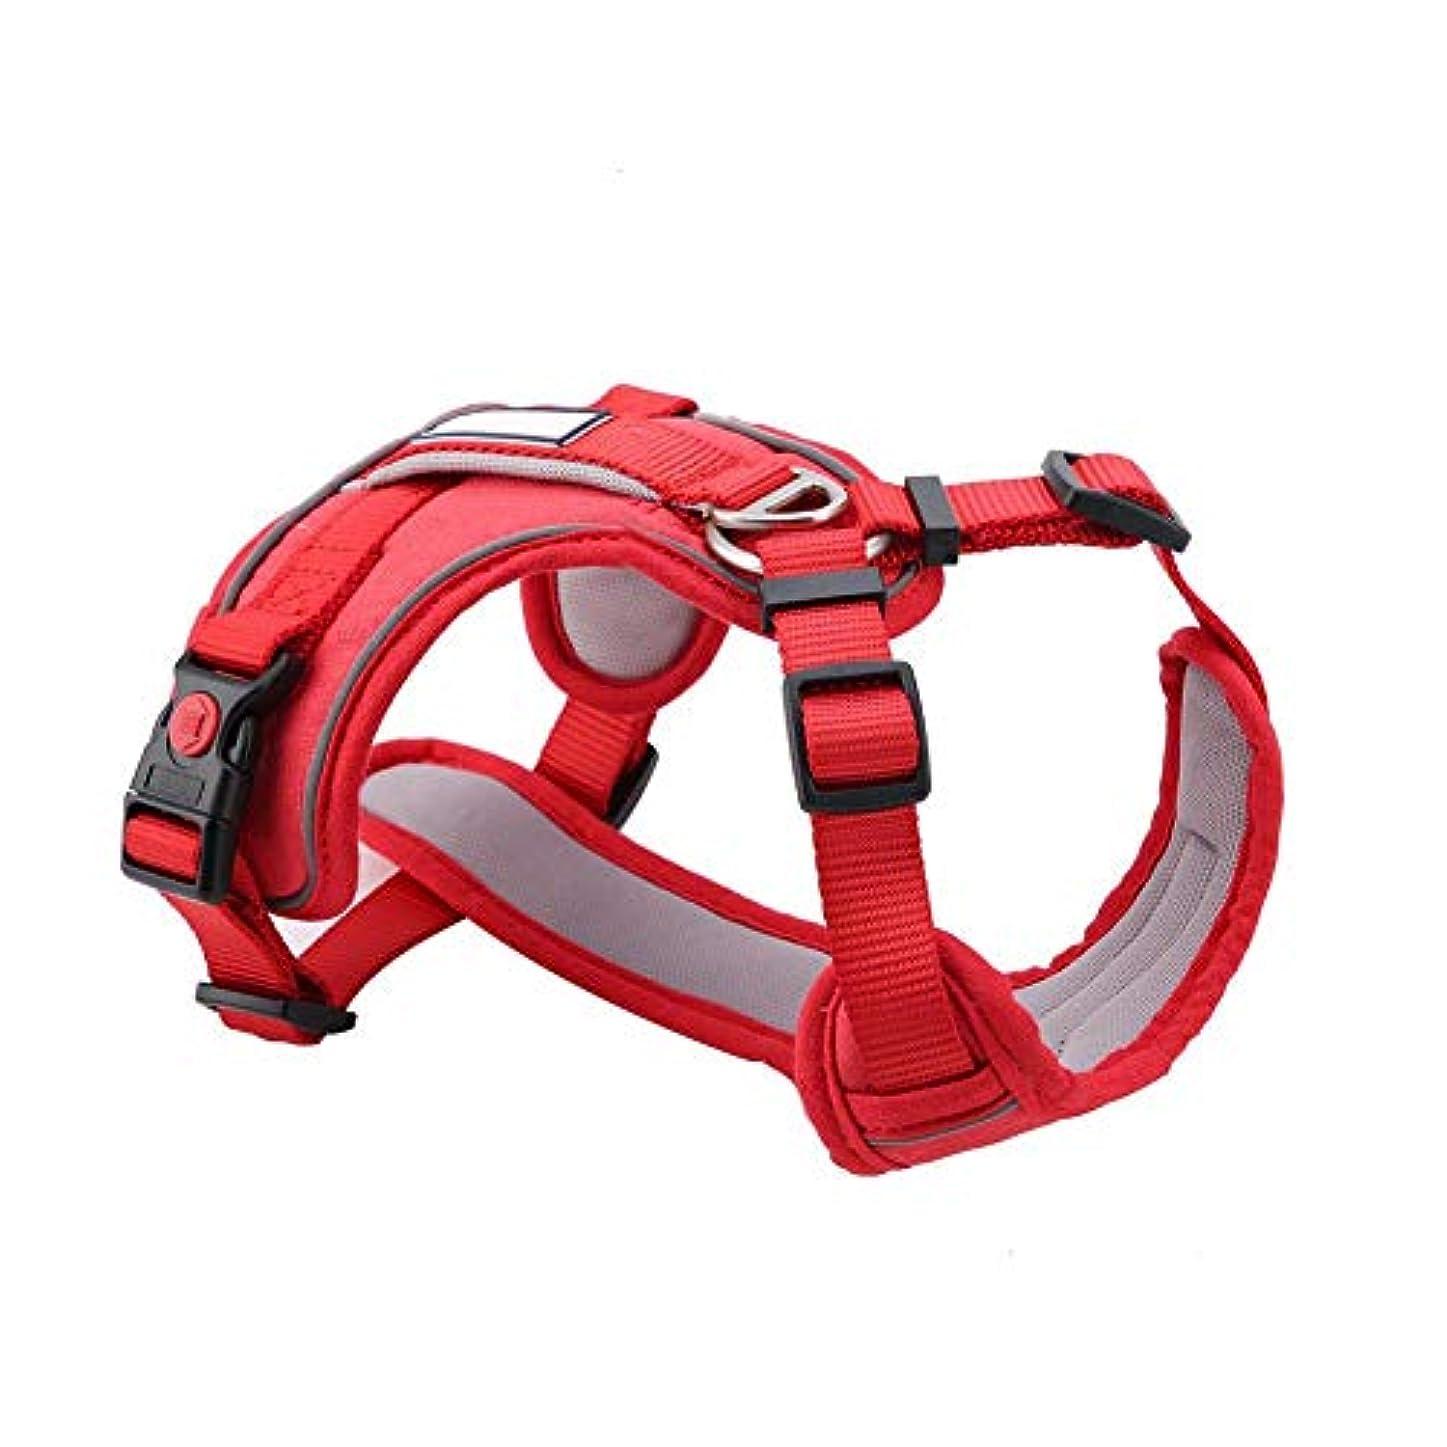 促す引数花ペットの胸部ストラップ、犬の子犬のための調節可能な反射トレーニング胸部バックロープ(S-赤)